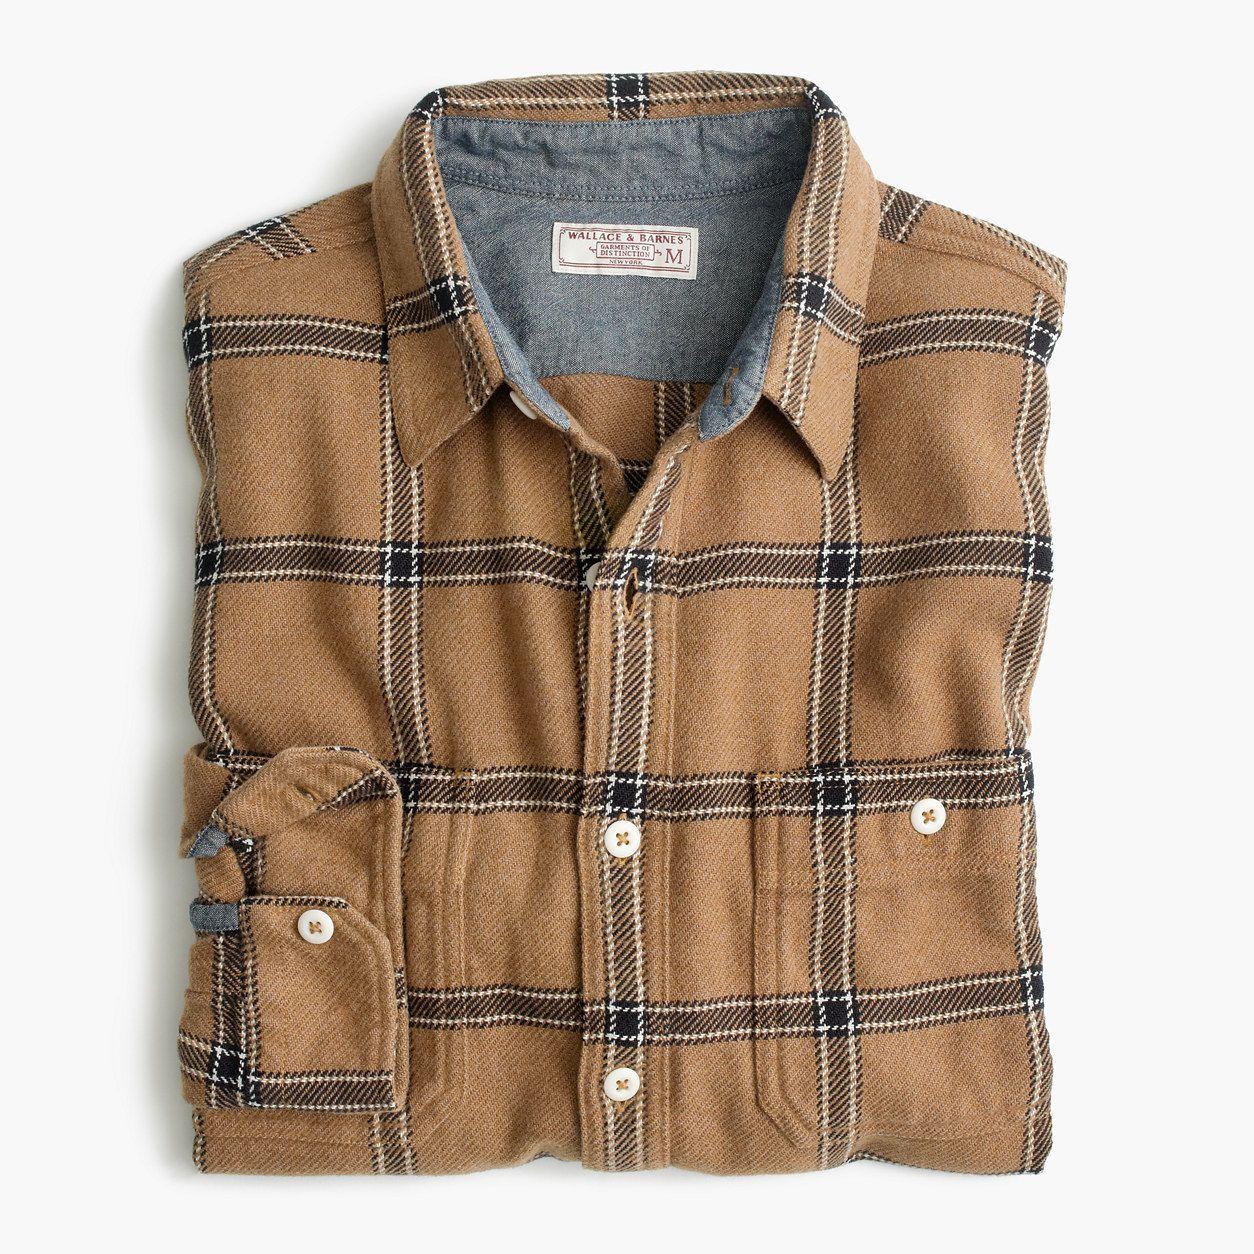 Wool cashmere flannel jacket  JCrew Mens Wallace u Barnes Heavyweight Flannel Shirt In Wheat